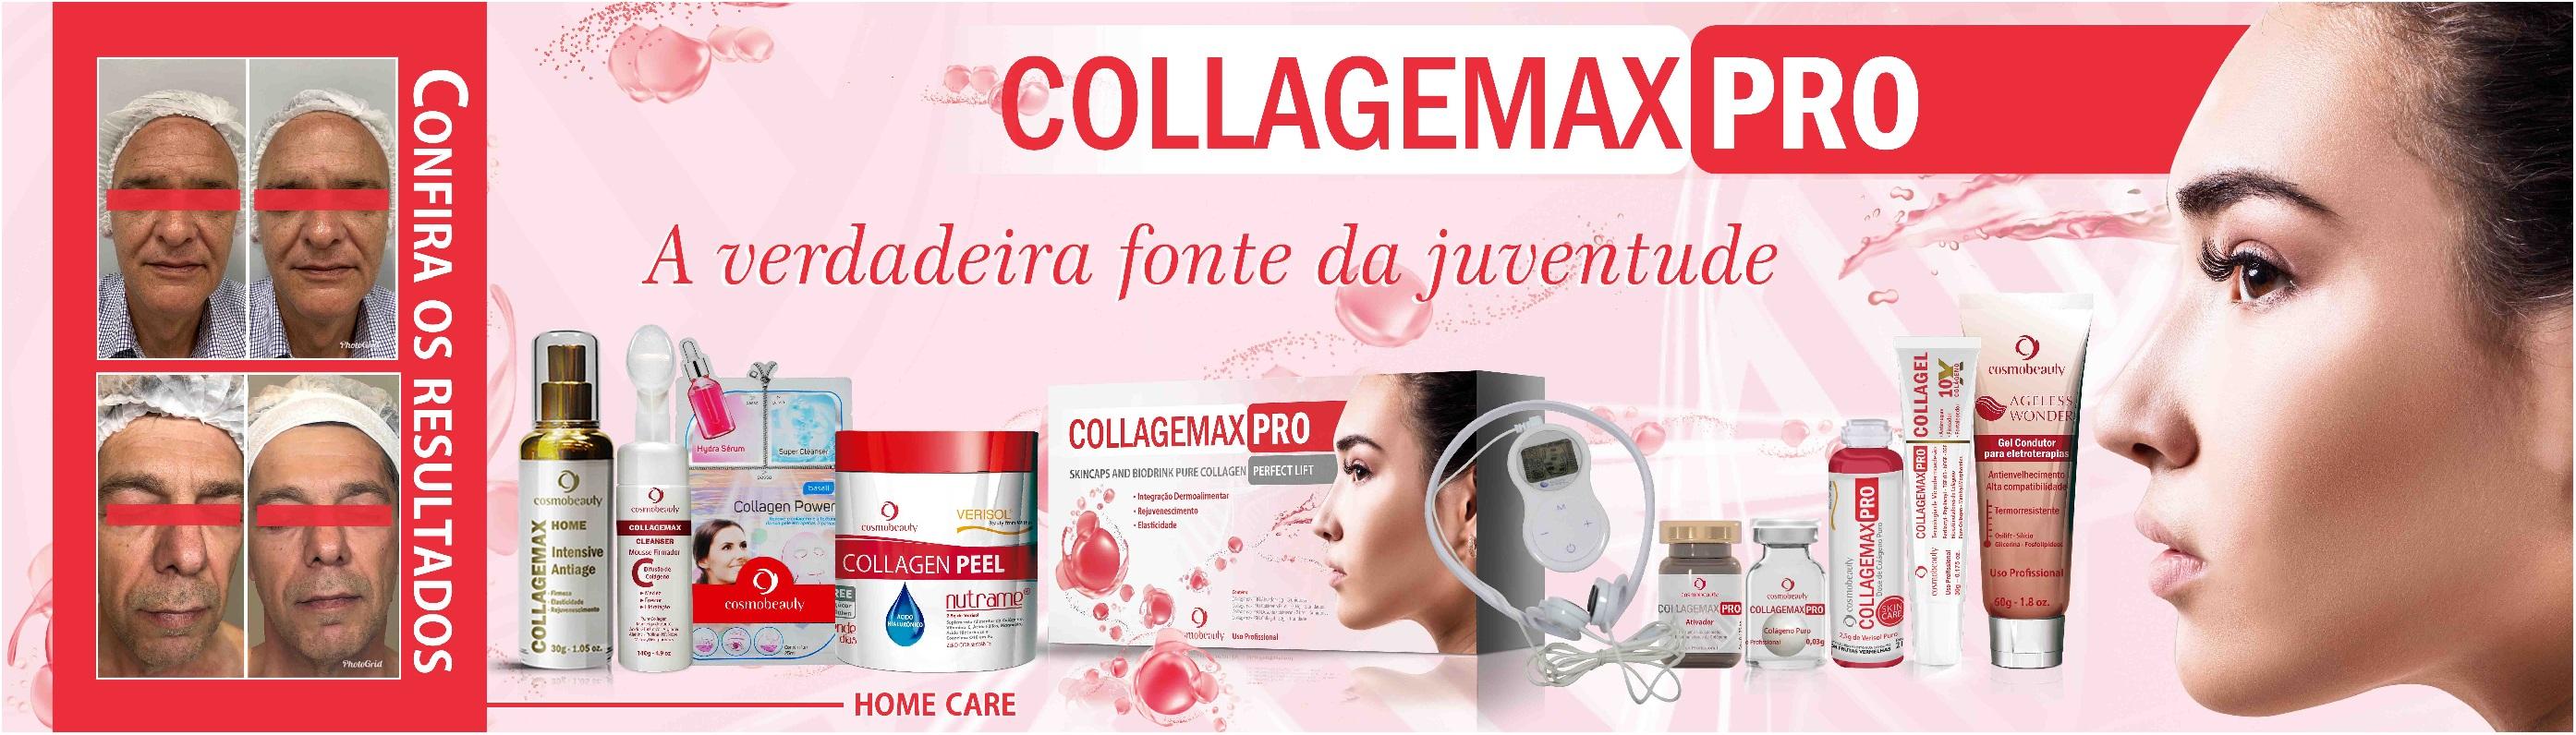 collagemax-pro-banner-lancamentos-09-09